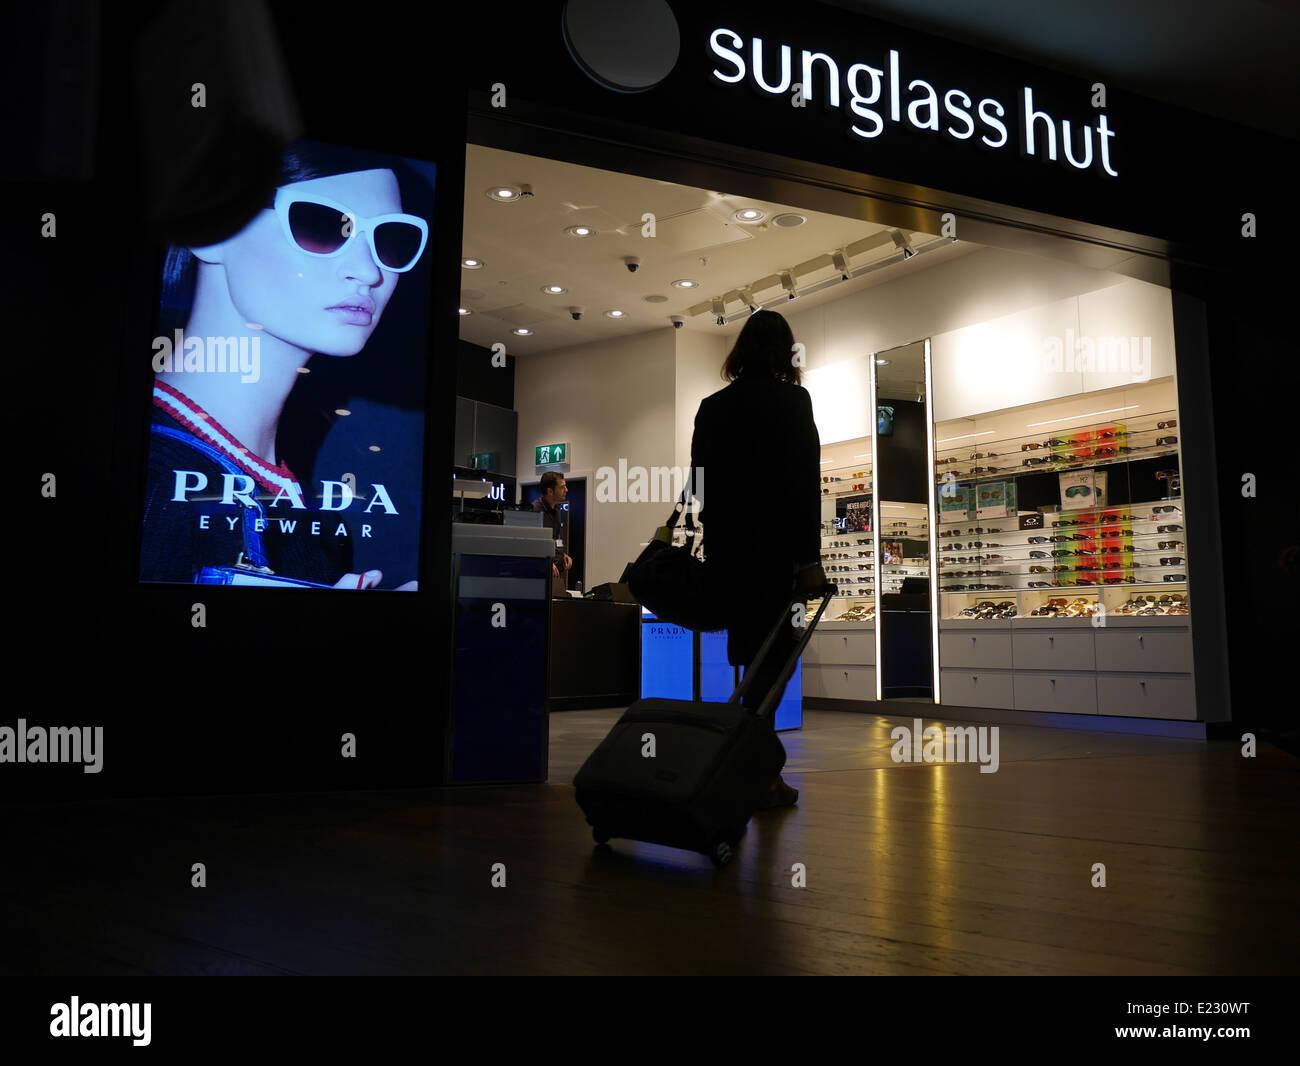 Sunglass hut London - Stock Image